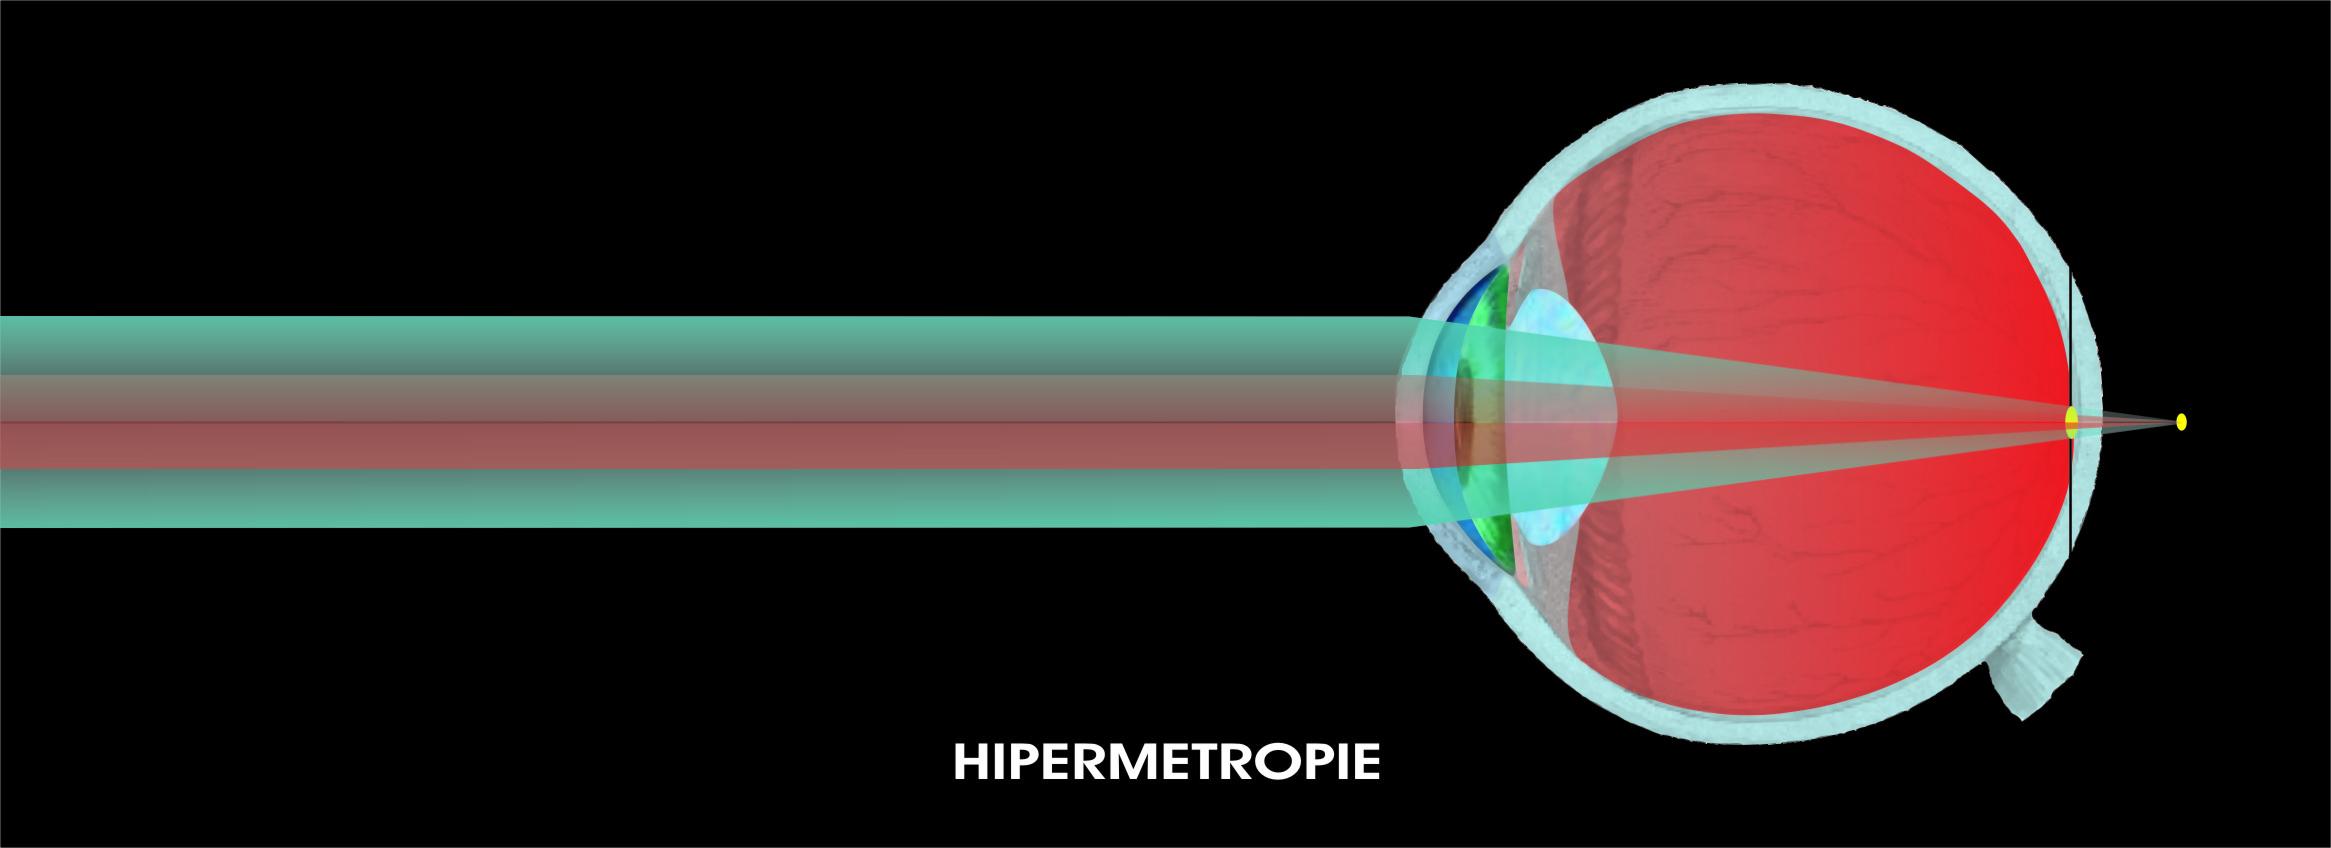 Hipermetropie picături de vitamine pentru ochi